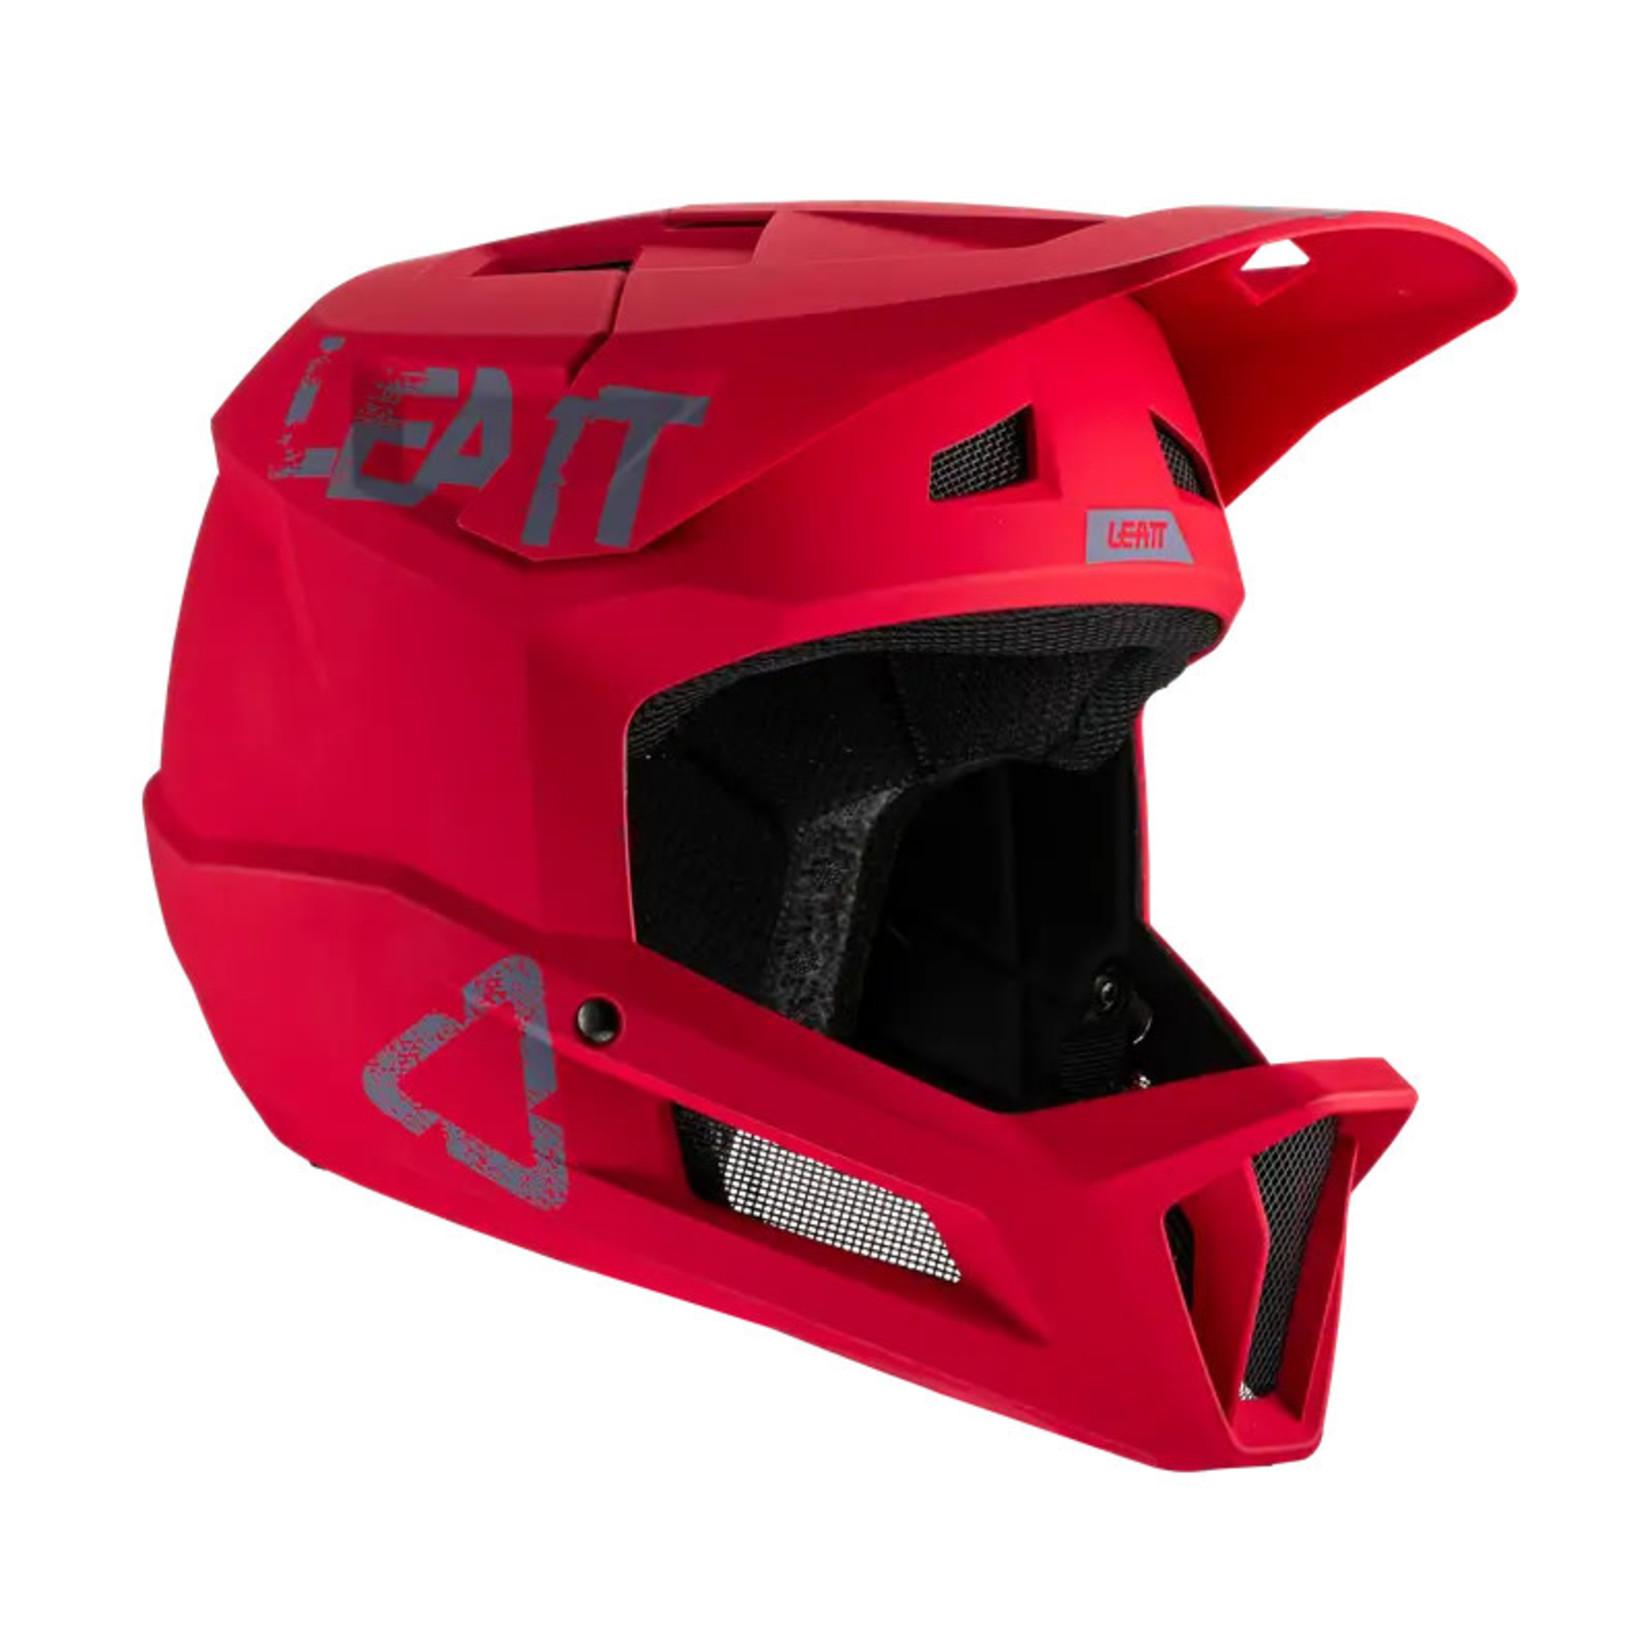 Leatt Helmet MTB 1.0 DH V21